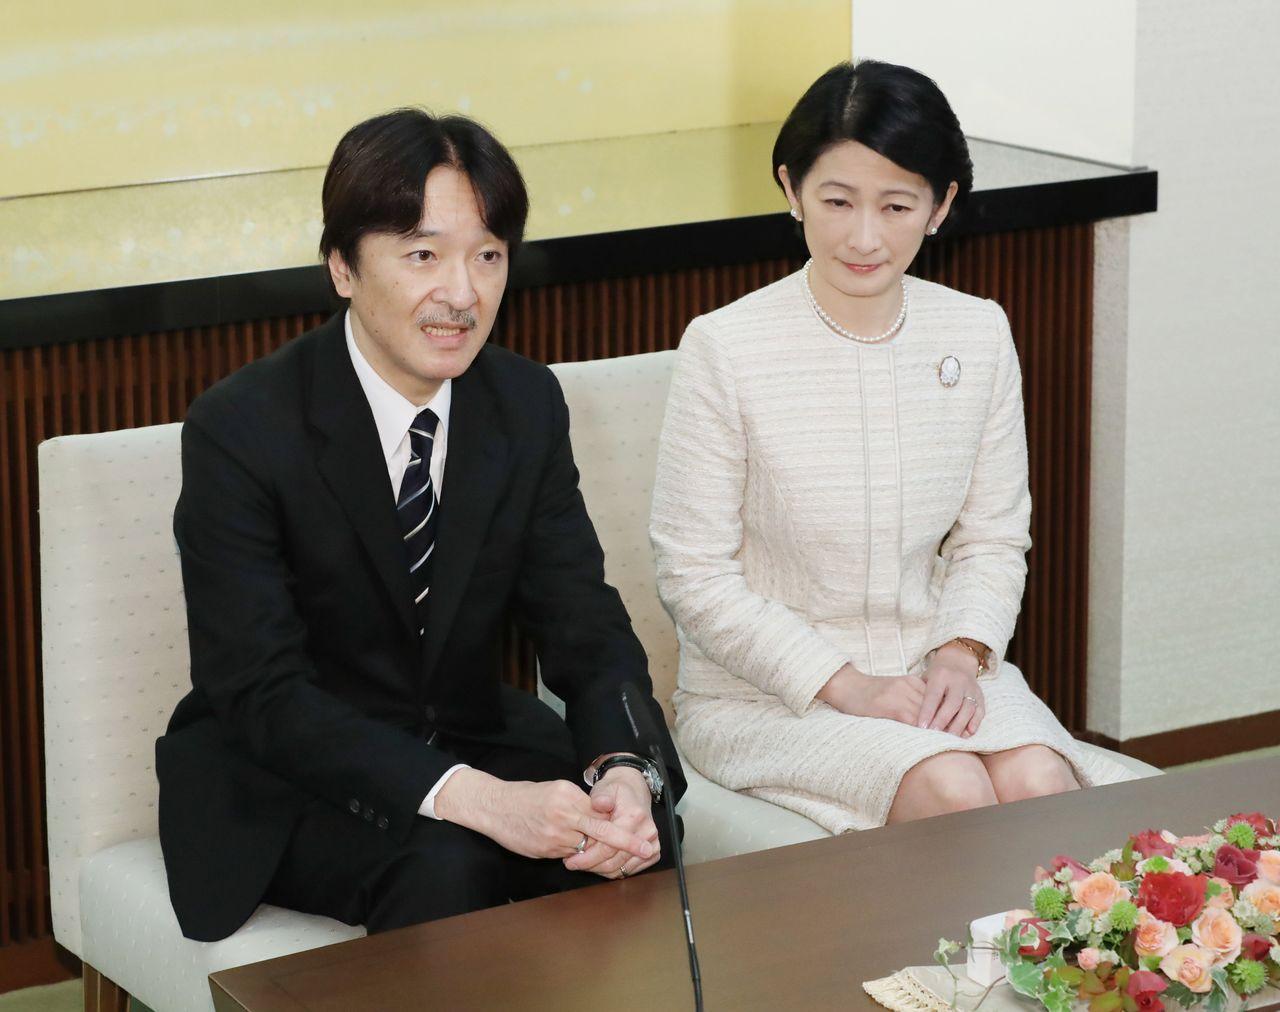 Принц и принцесса Акисино отвечают на вопрос репортёров о браке Мако на пресс-конференции по случаю 53-летия принца, 22 ноября 2018 года, резиденция Акисино в Мото-Акасака, Токио (представительская фотография Jiji Press)